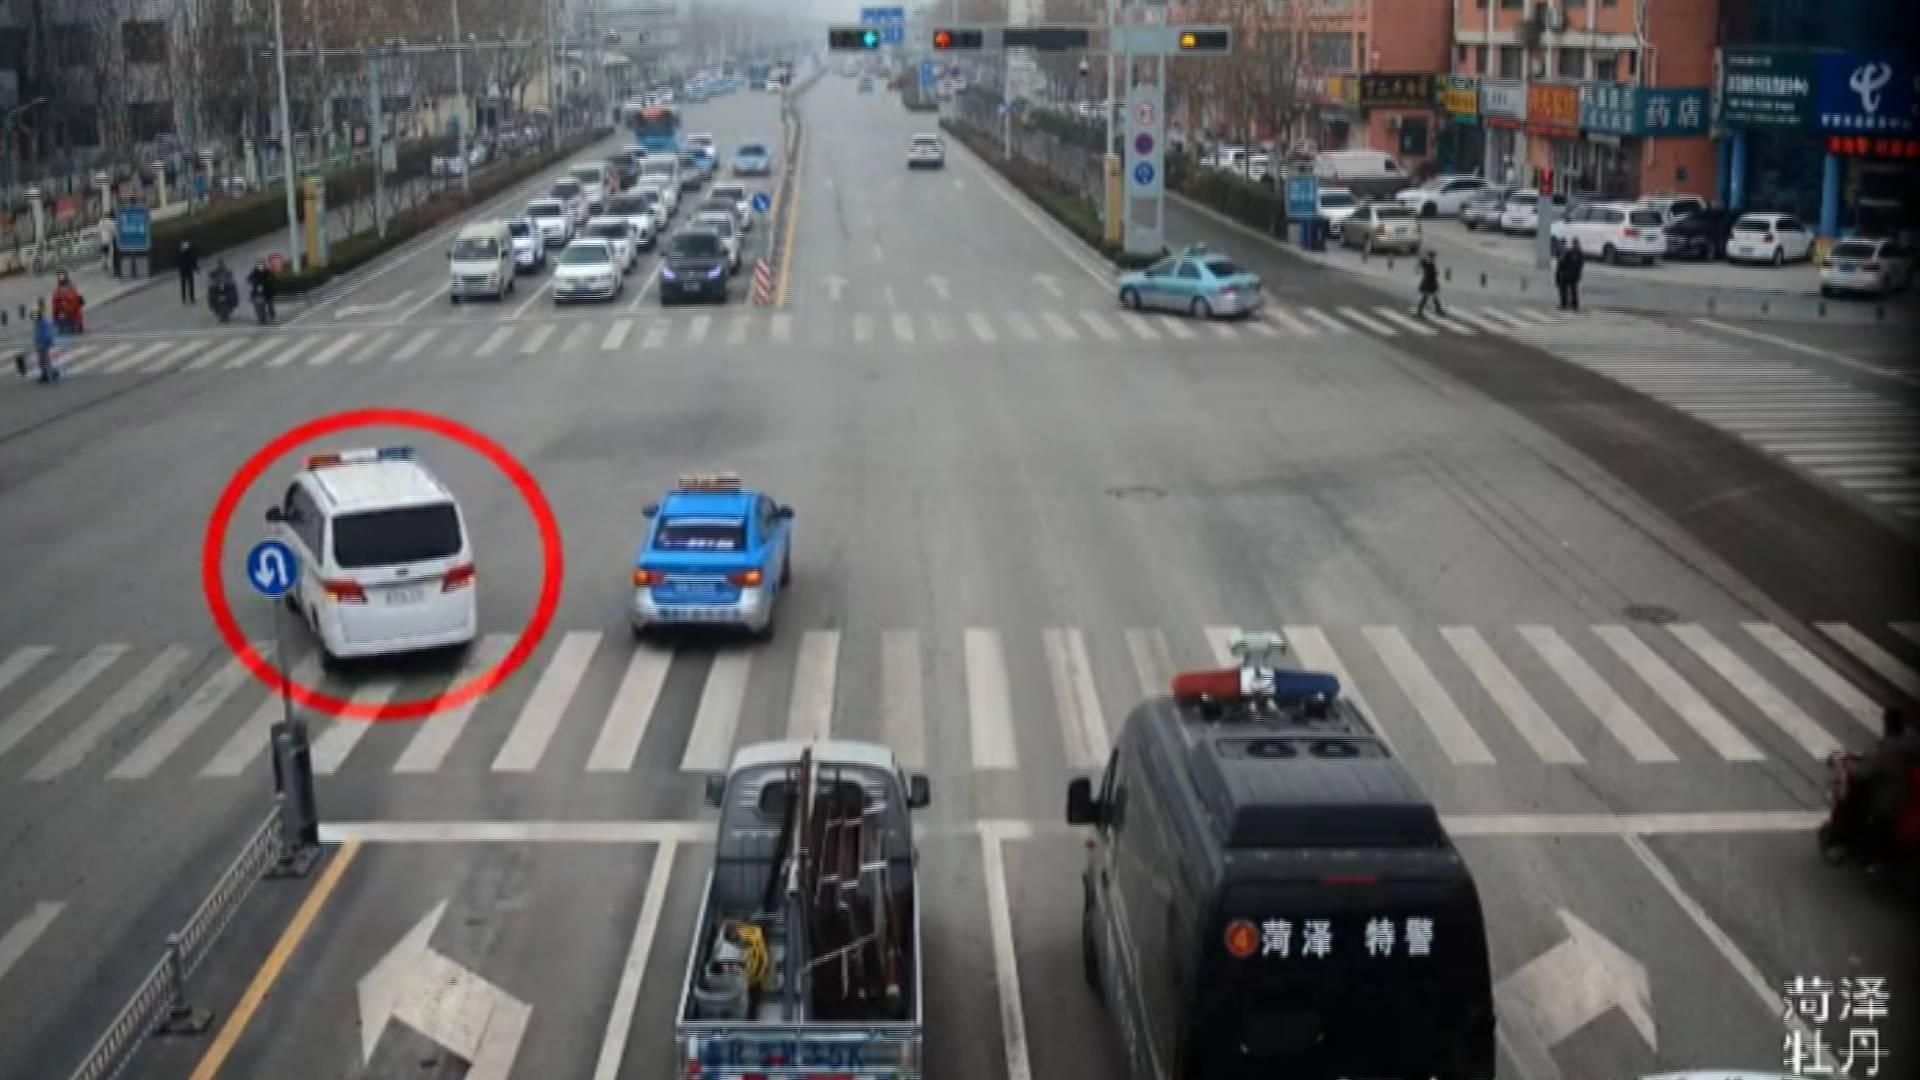 54秒丨菏泽3辆车闯红灯,不仅没扣分还被表扬了,咋回事?